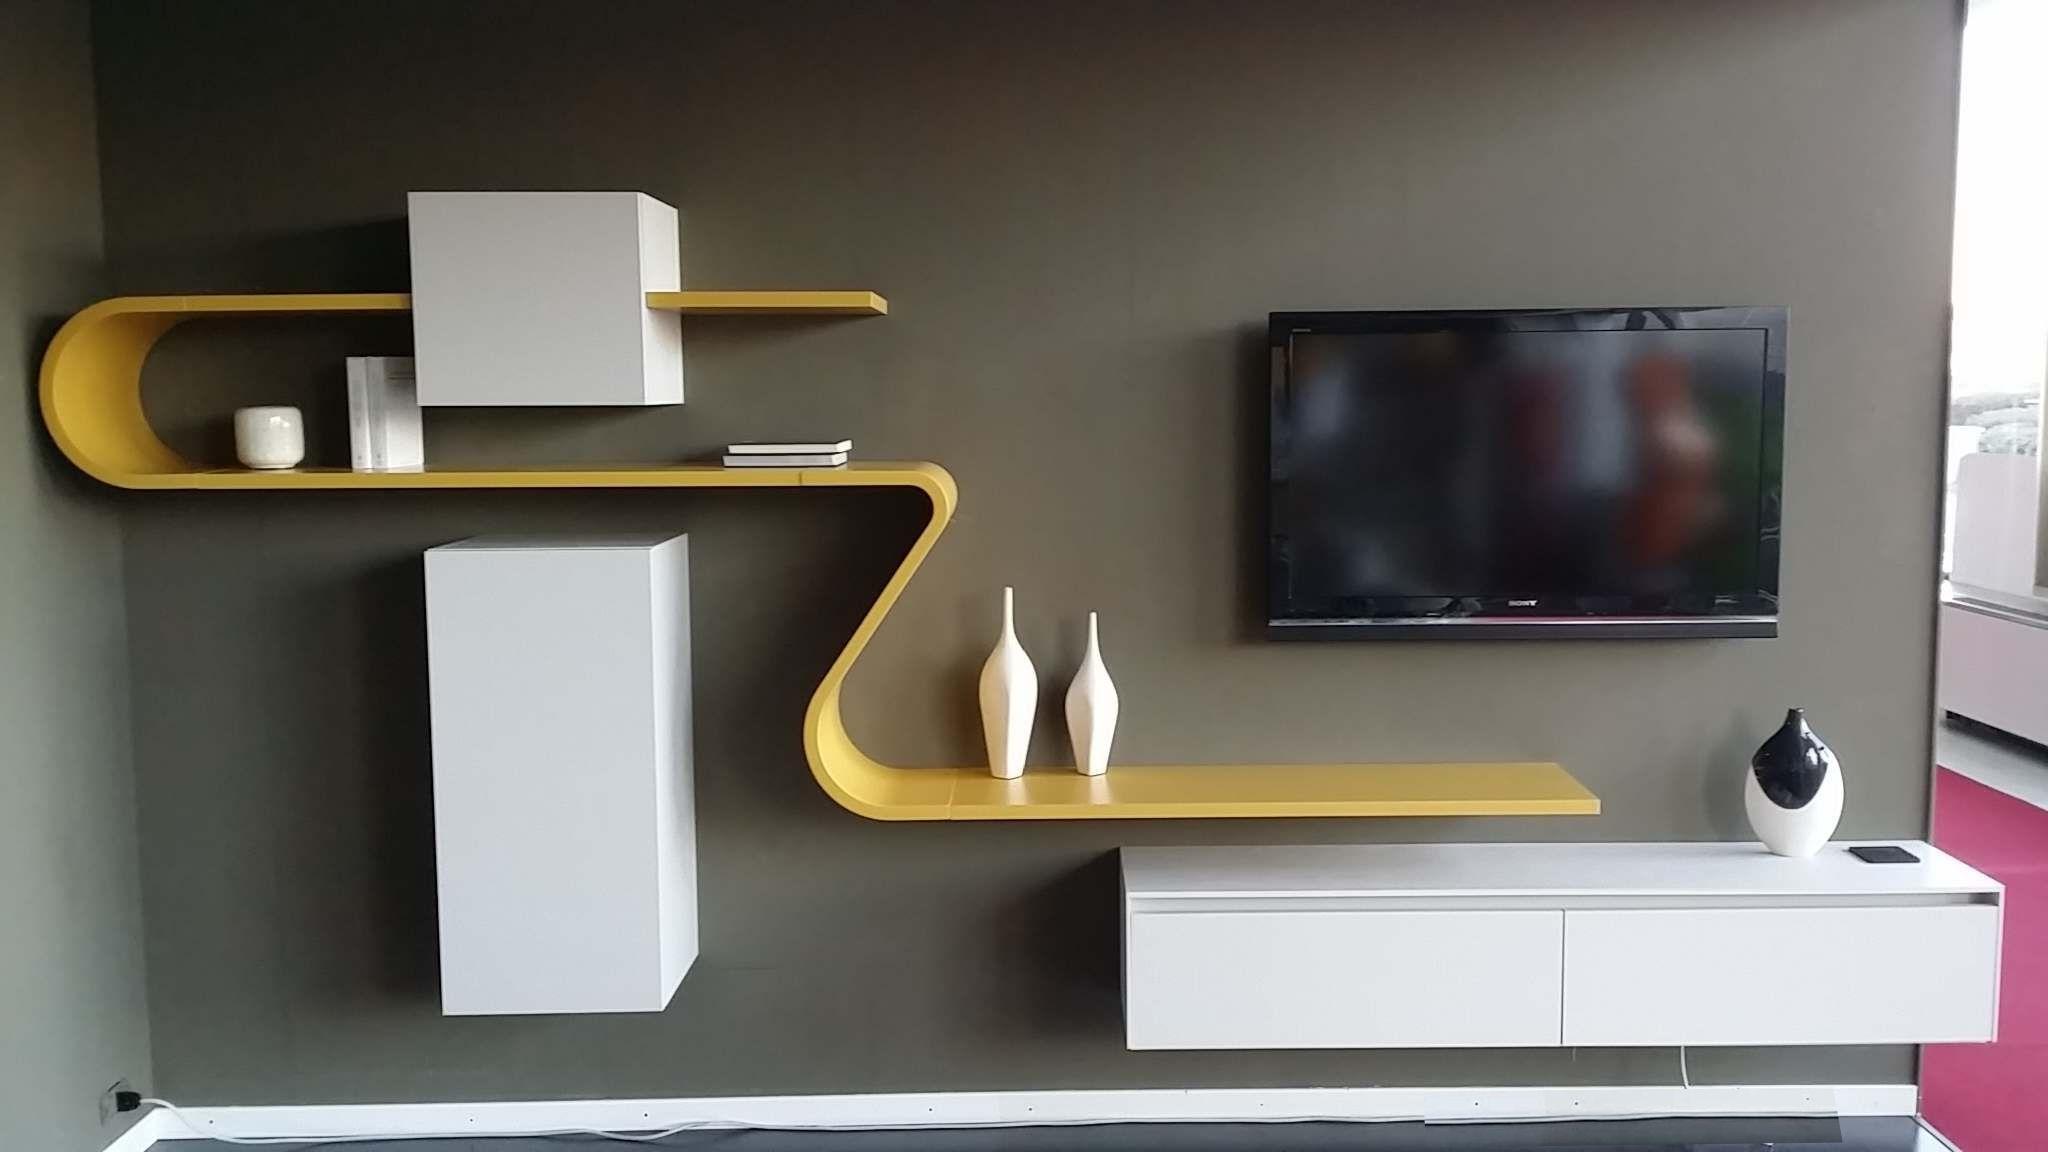 outlet novamobili soggiorno parete attrezzata - soggiorni a prezzi ... - Parete Soggiorno Attrezzata Offerte 2